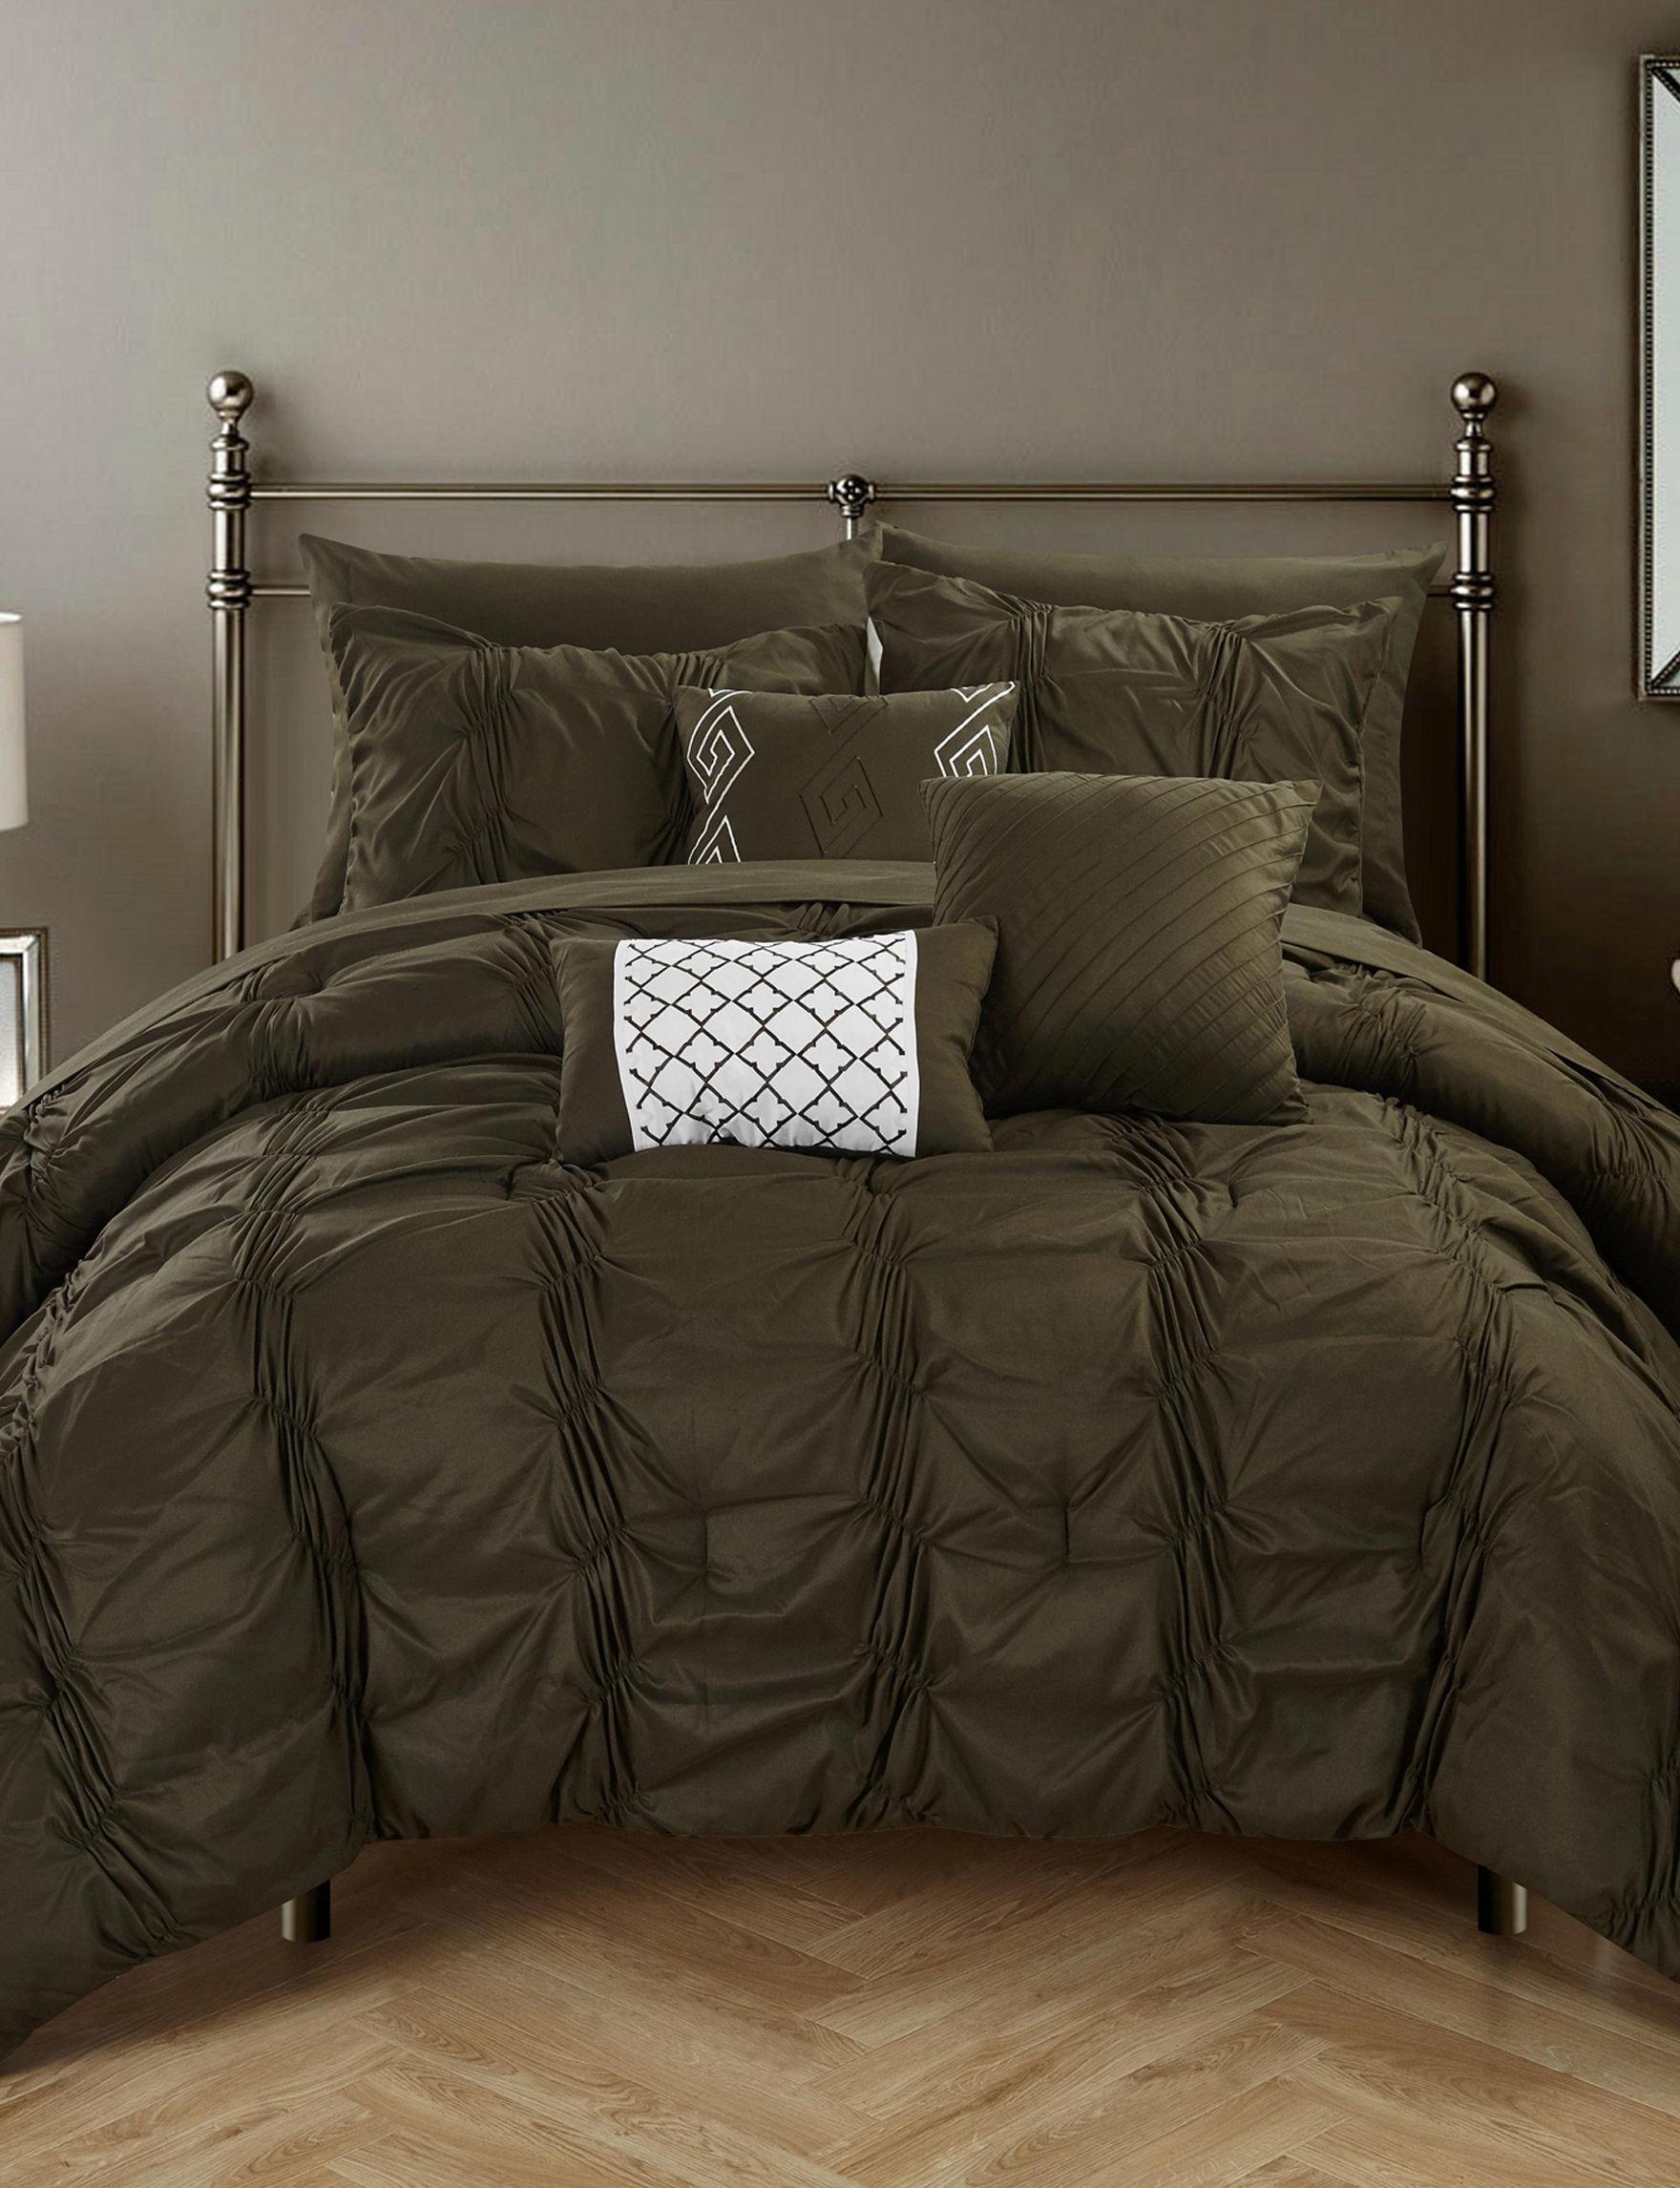 Chic Home Design 10 Pc Voni Pinch Pleated Bib Comforter Set Stage